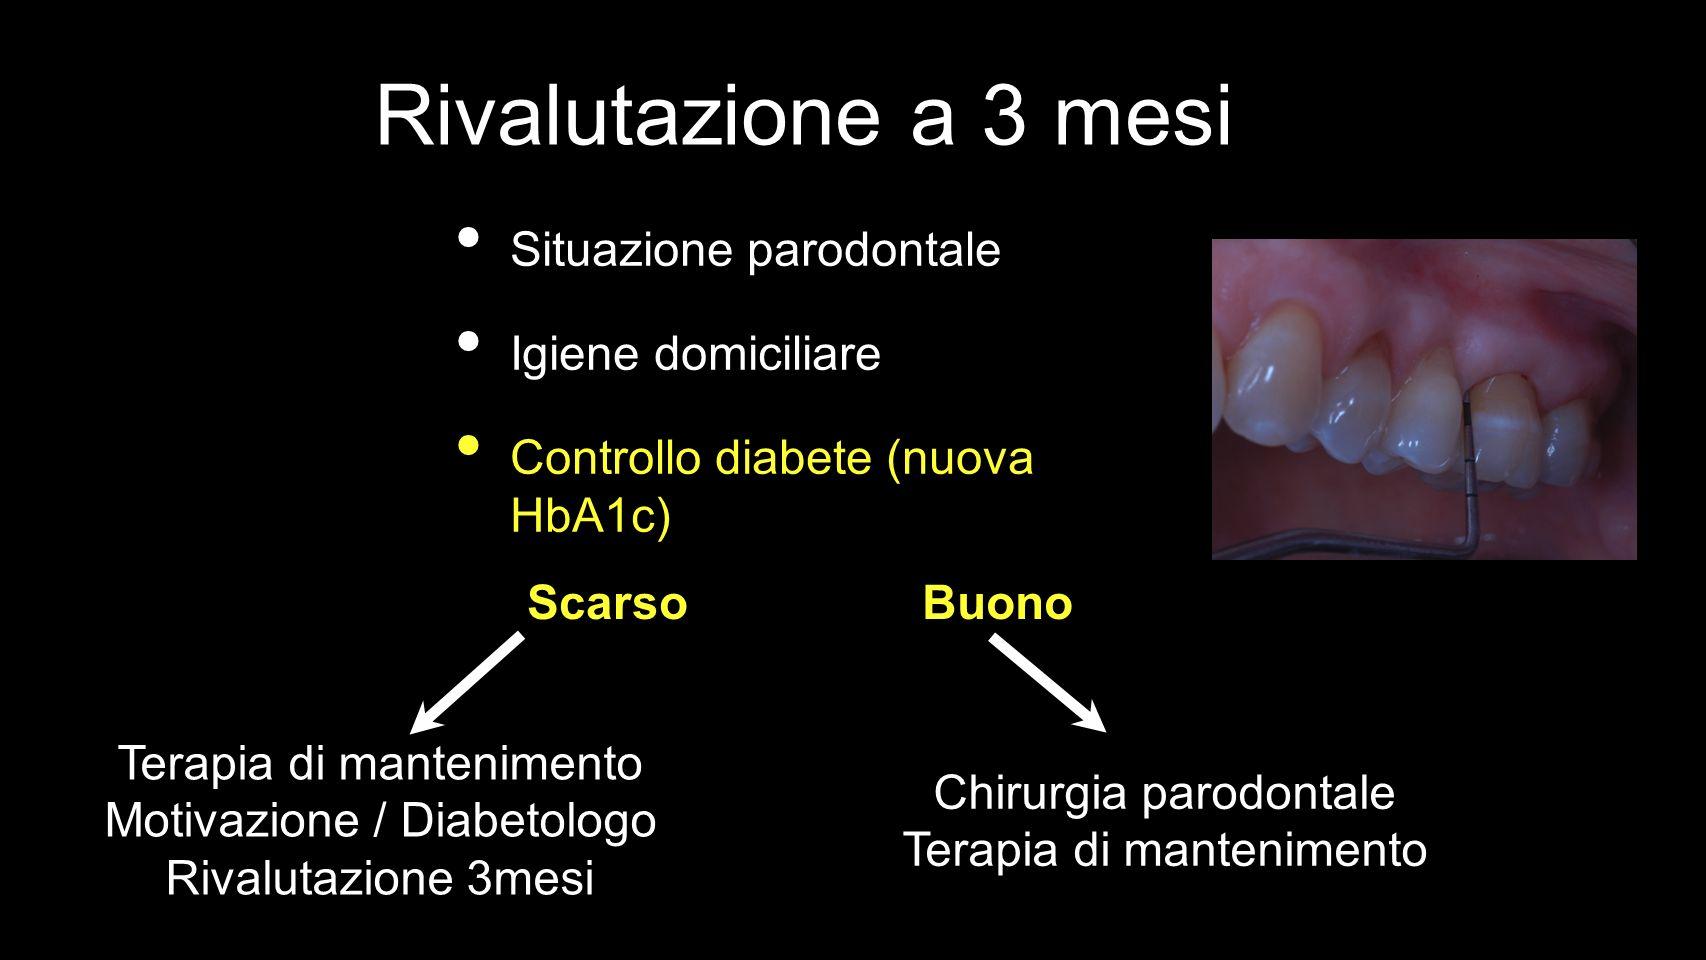 Rivalutazione a 3 mesi Situazione parodontale Igiene domiciliare